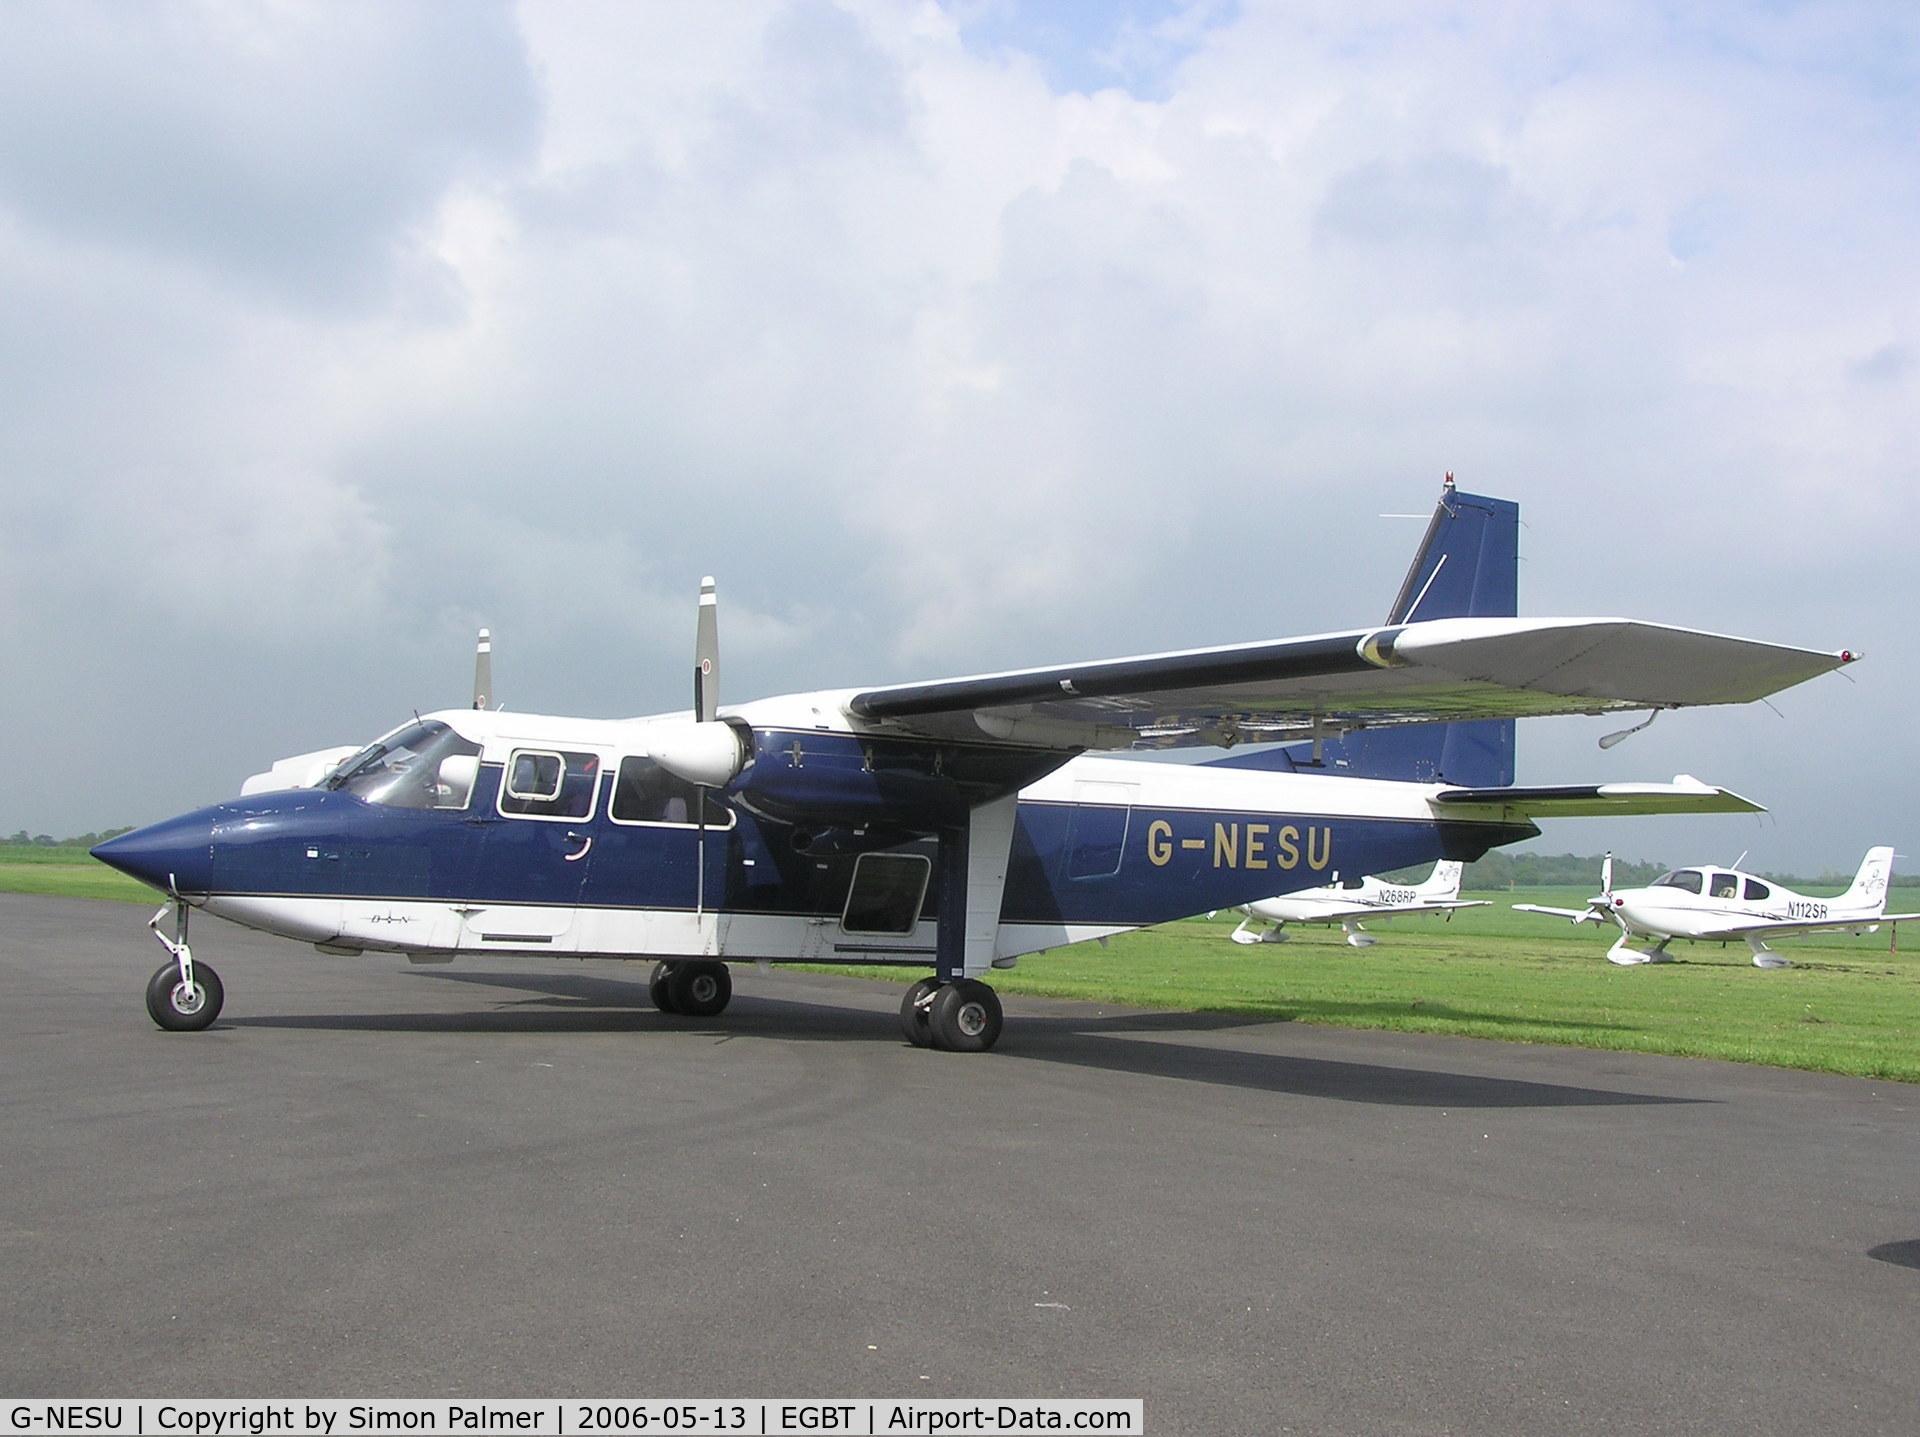 G-NESU, 1991 Pilatus Britten-Norman BN-2B-26 Islander C/N 2260, BN-2 Islander at Turweston